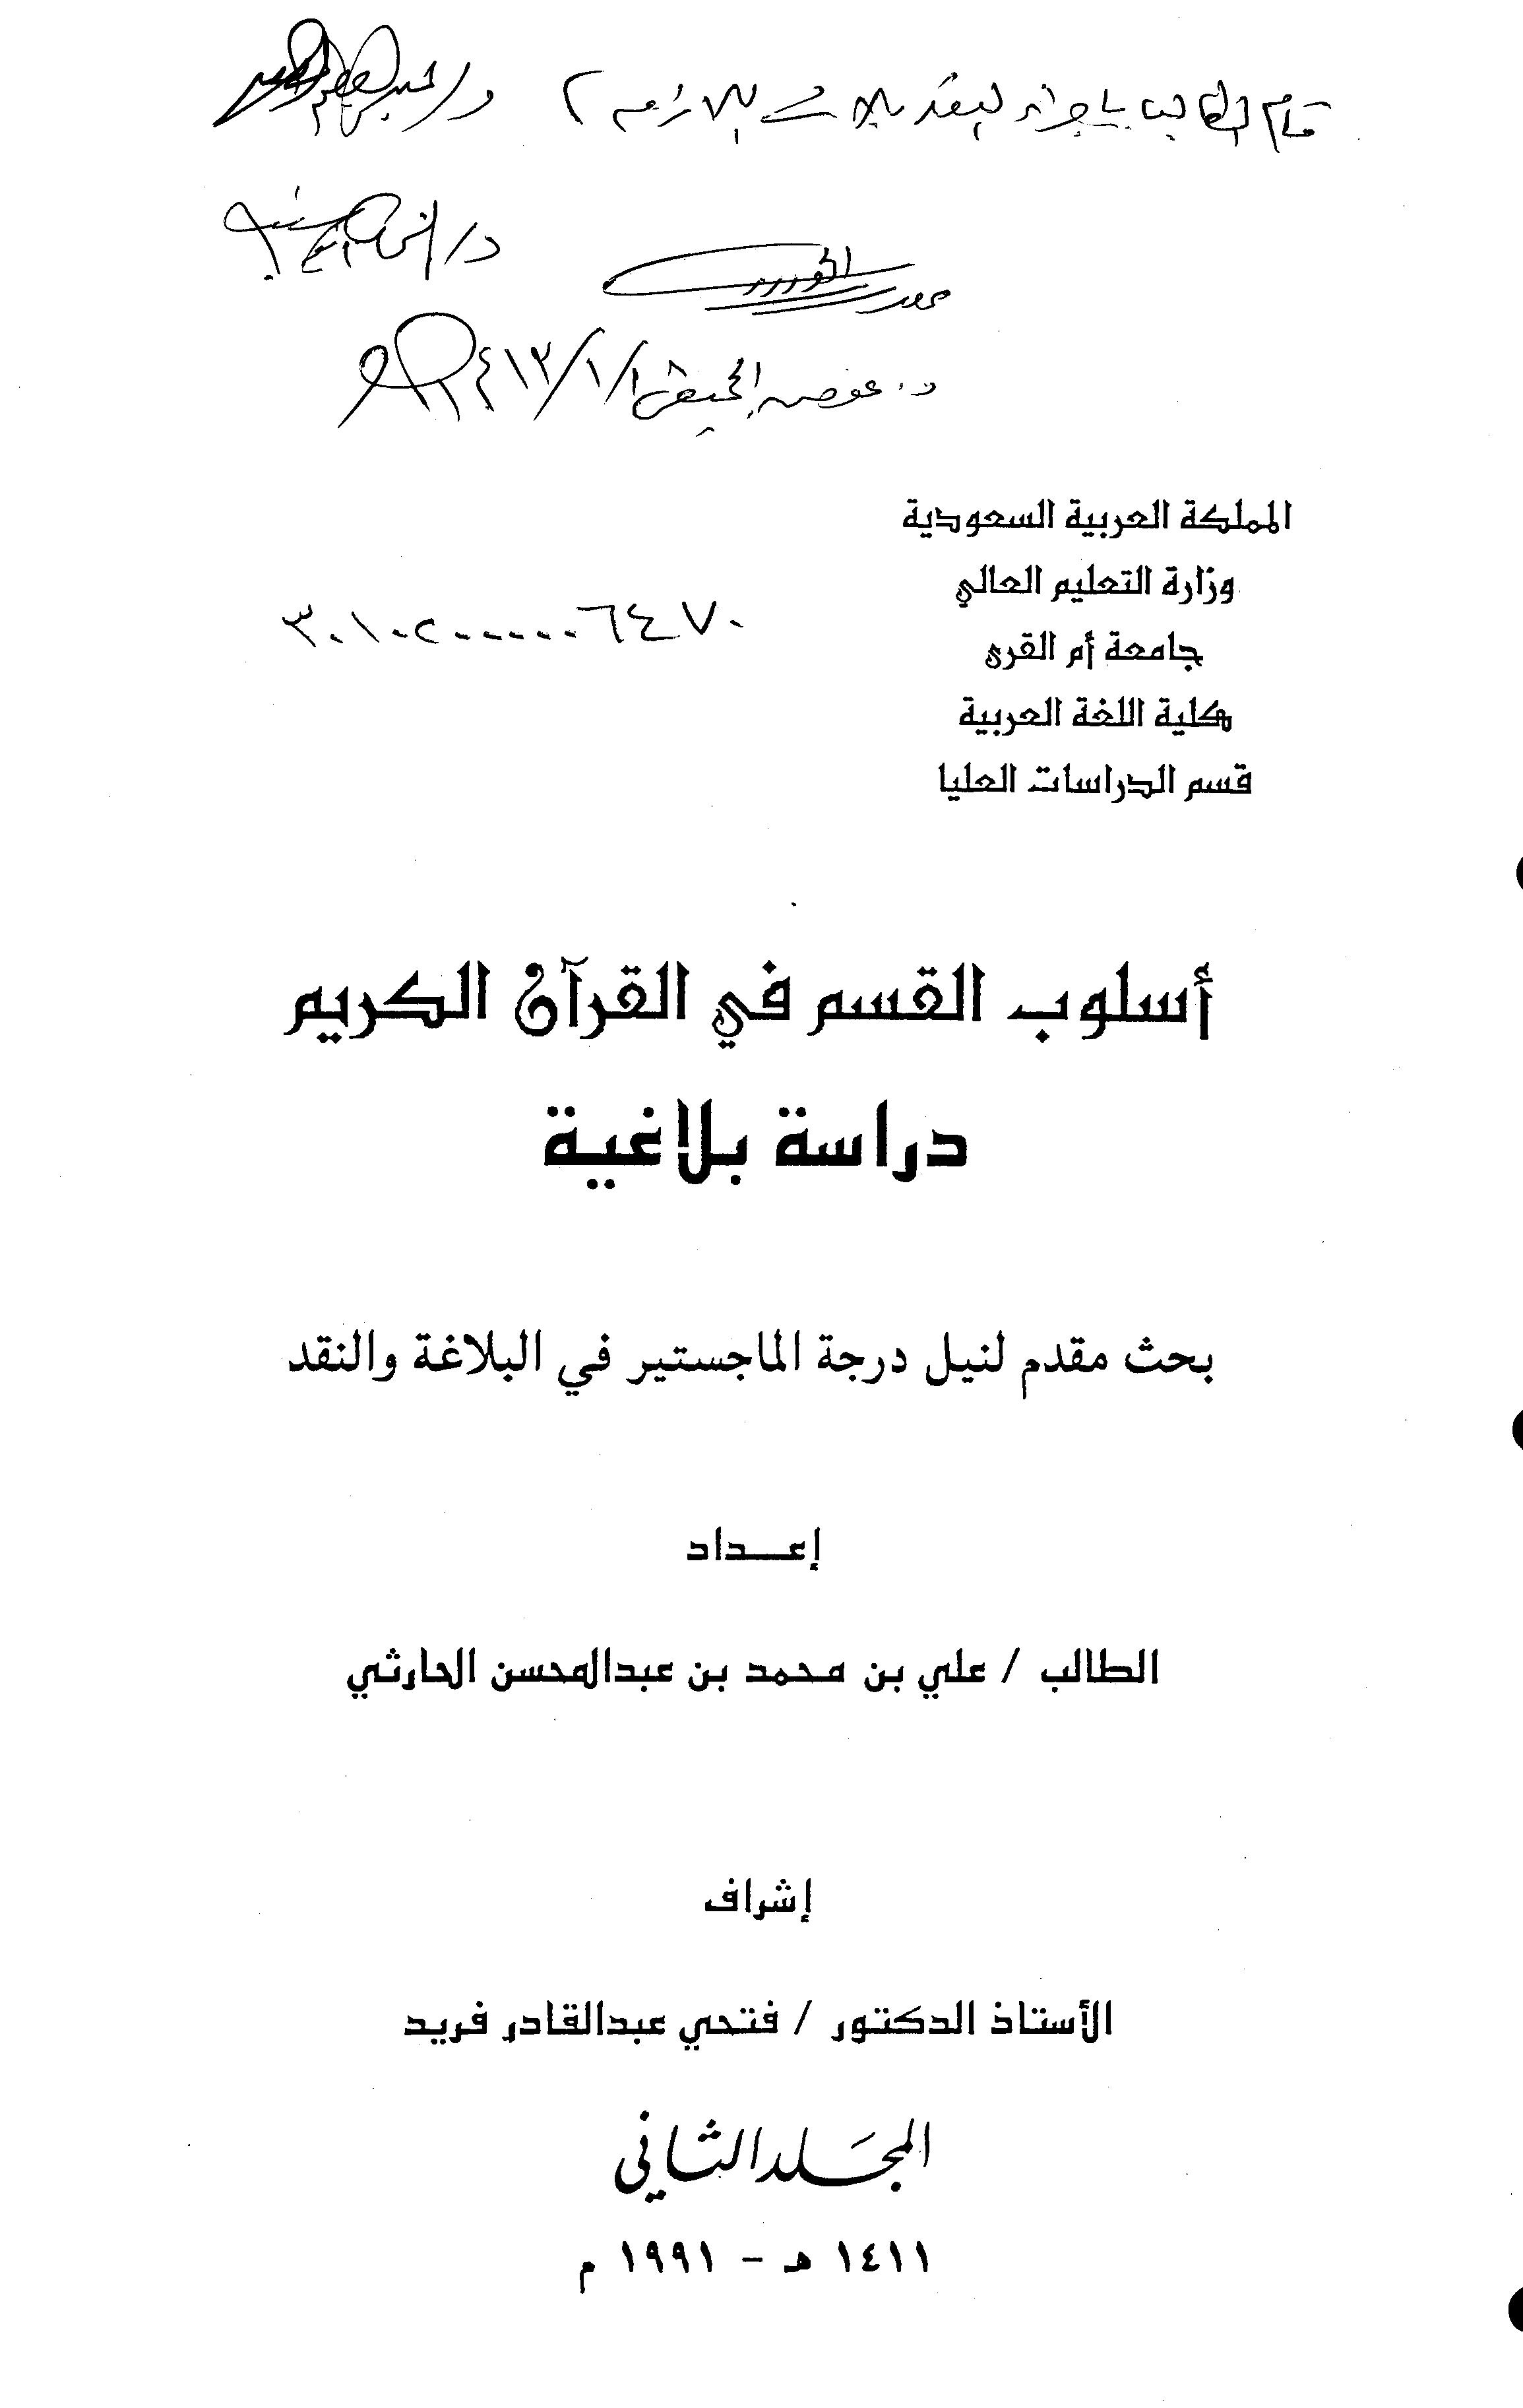 تحميل كتاب أسلوب القسم في القرآن الكريم (دراسة بلاغية) لـِ: الدكتور علي بن محمد بن عبد المحسن الشعابي الحارثي